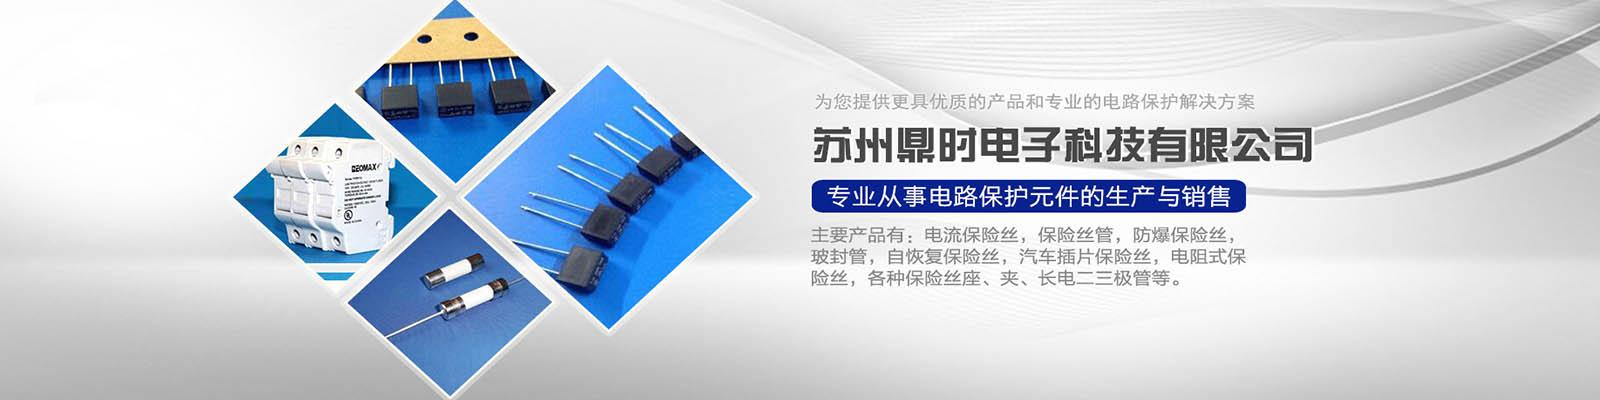 苏州鼎时电子科技有限公司